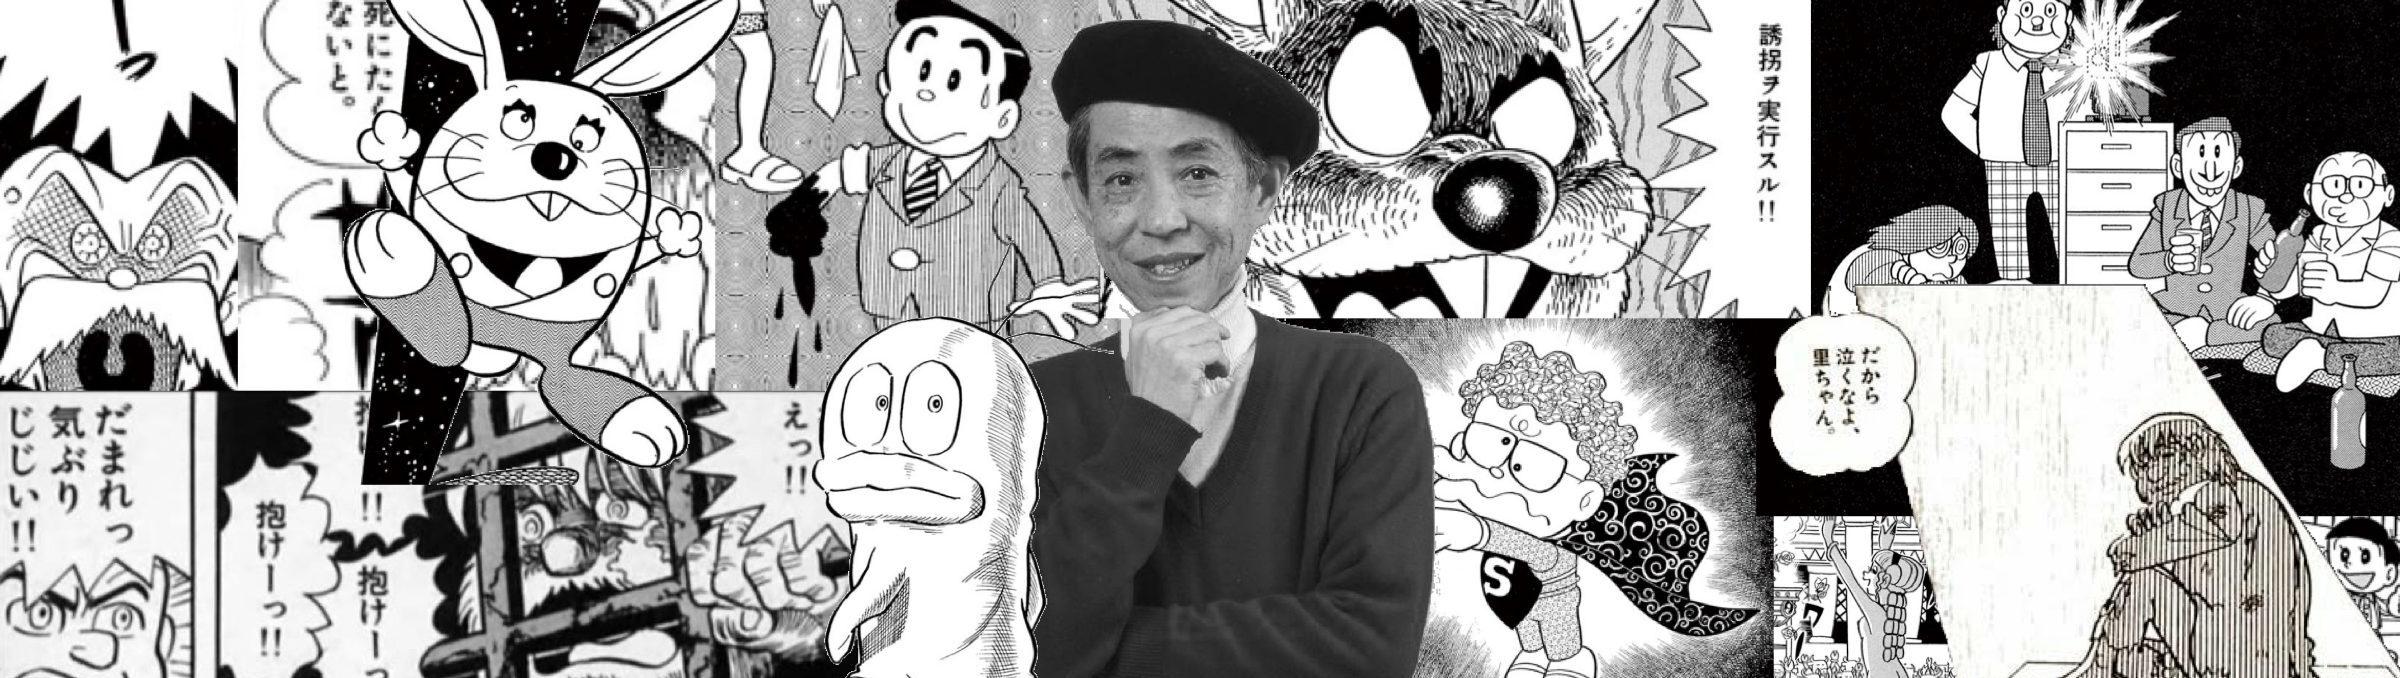 藤子・F・不二雄 SF短編漫画